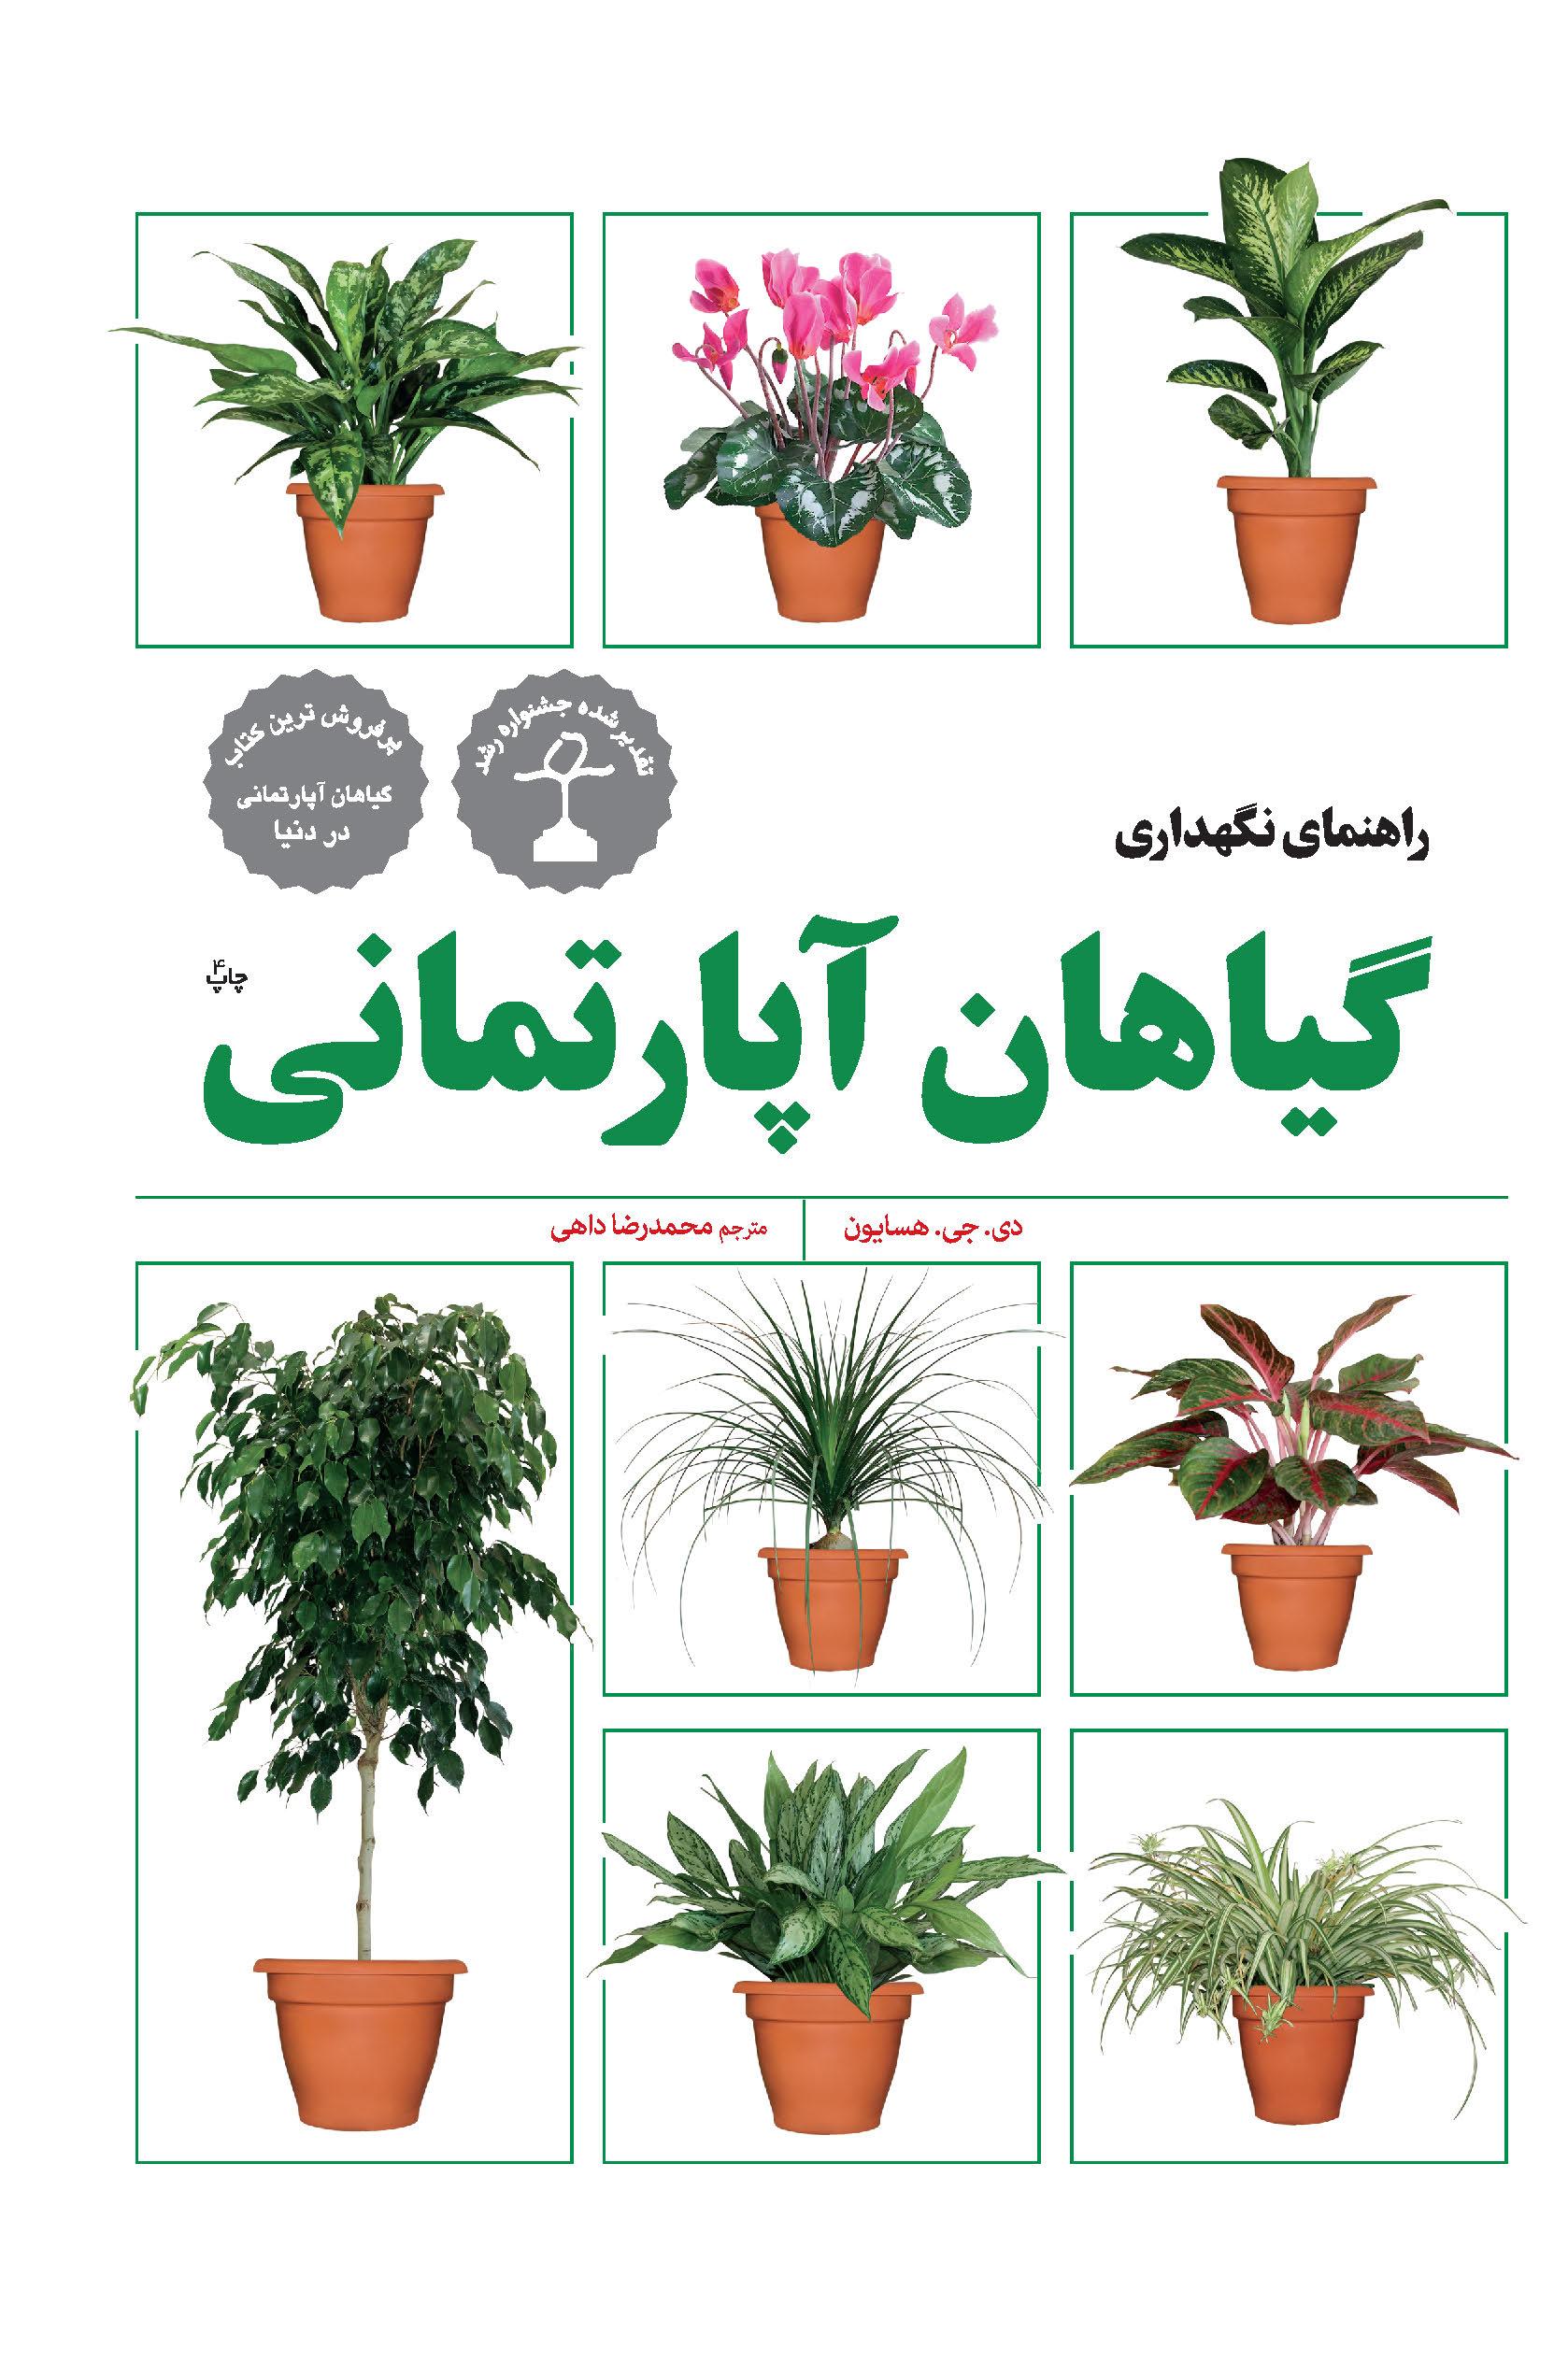 راهنمای نگهداری گیاهان آپارتمانی...